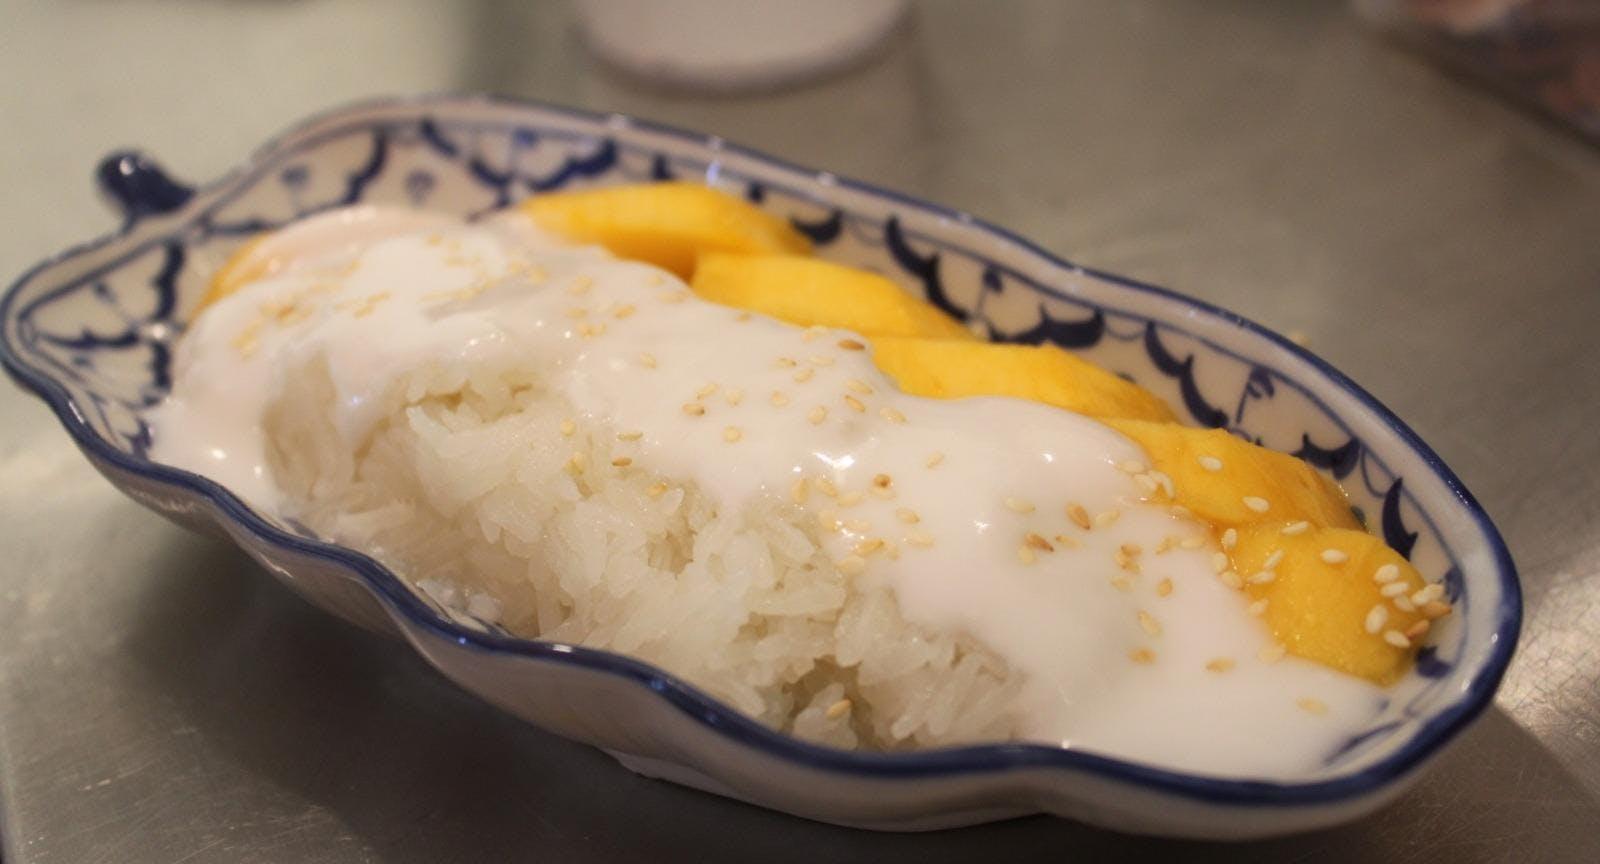 Pok Pok Thai Kitchen Singapore image 3